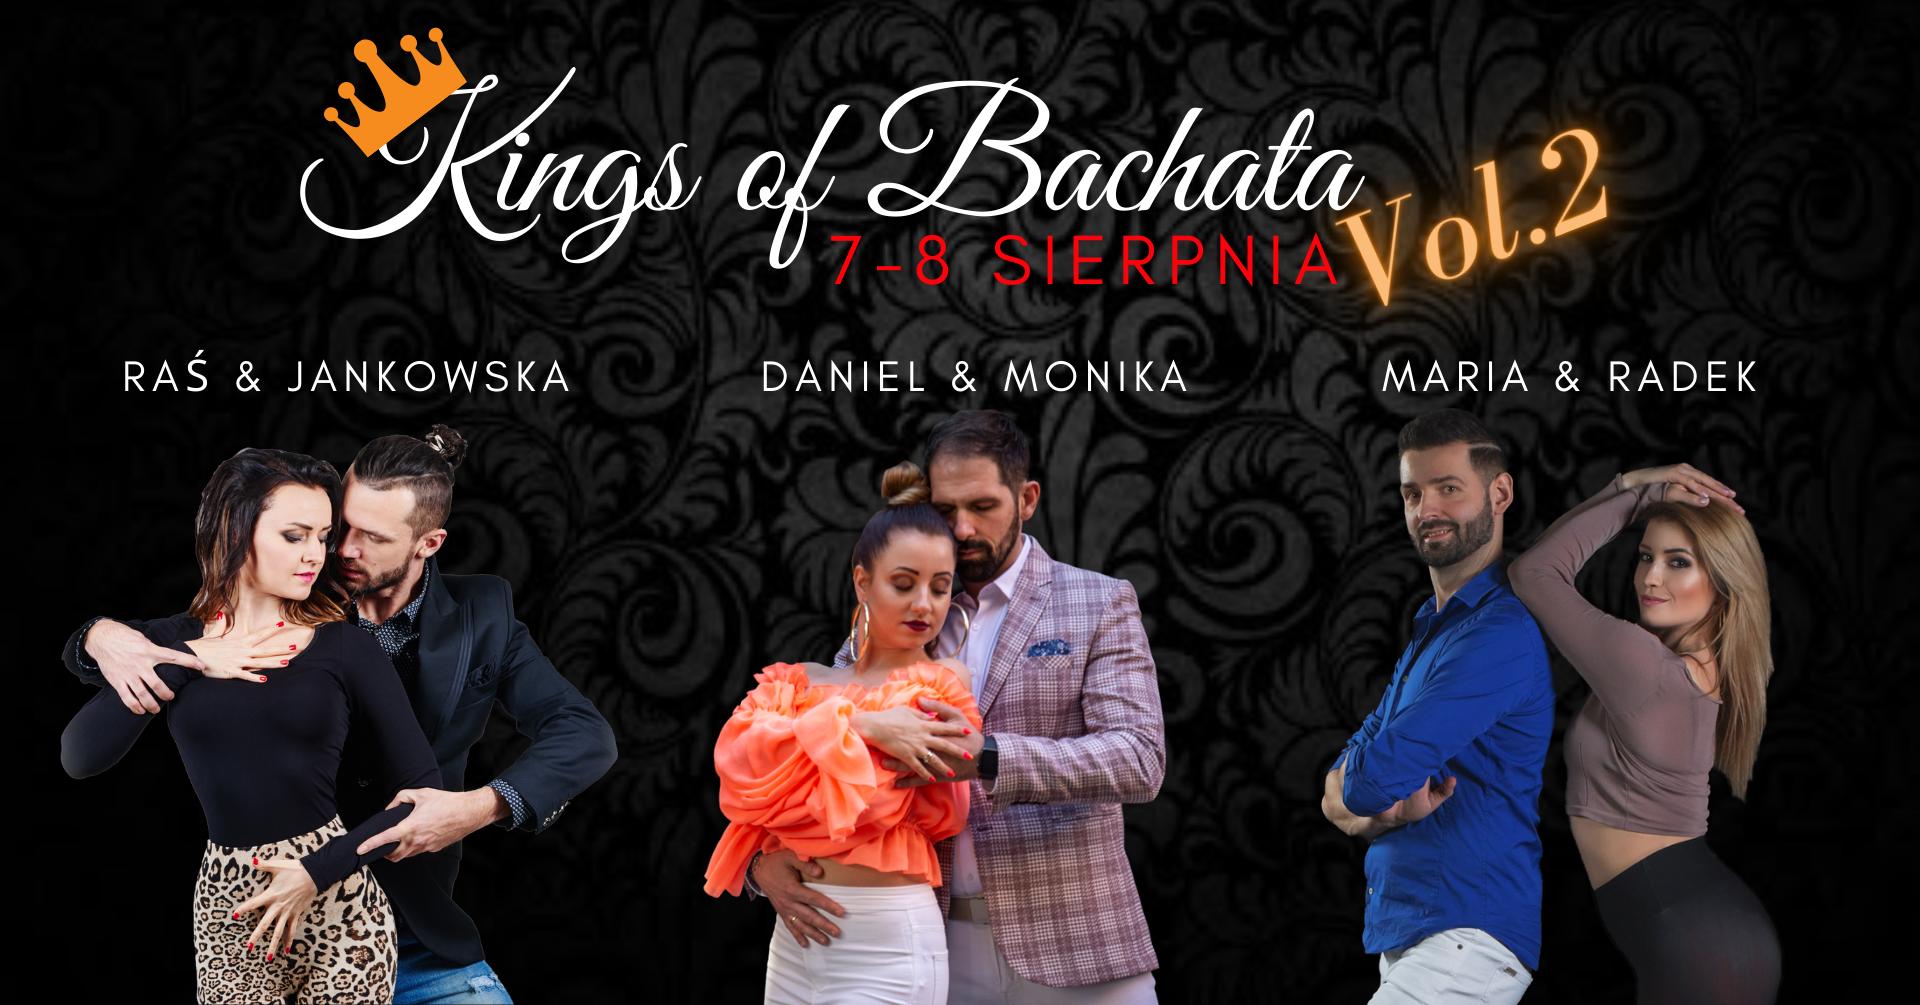 Kings of Bachata vol.2